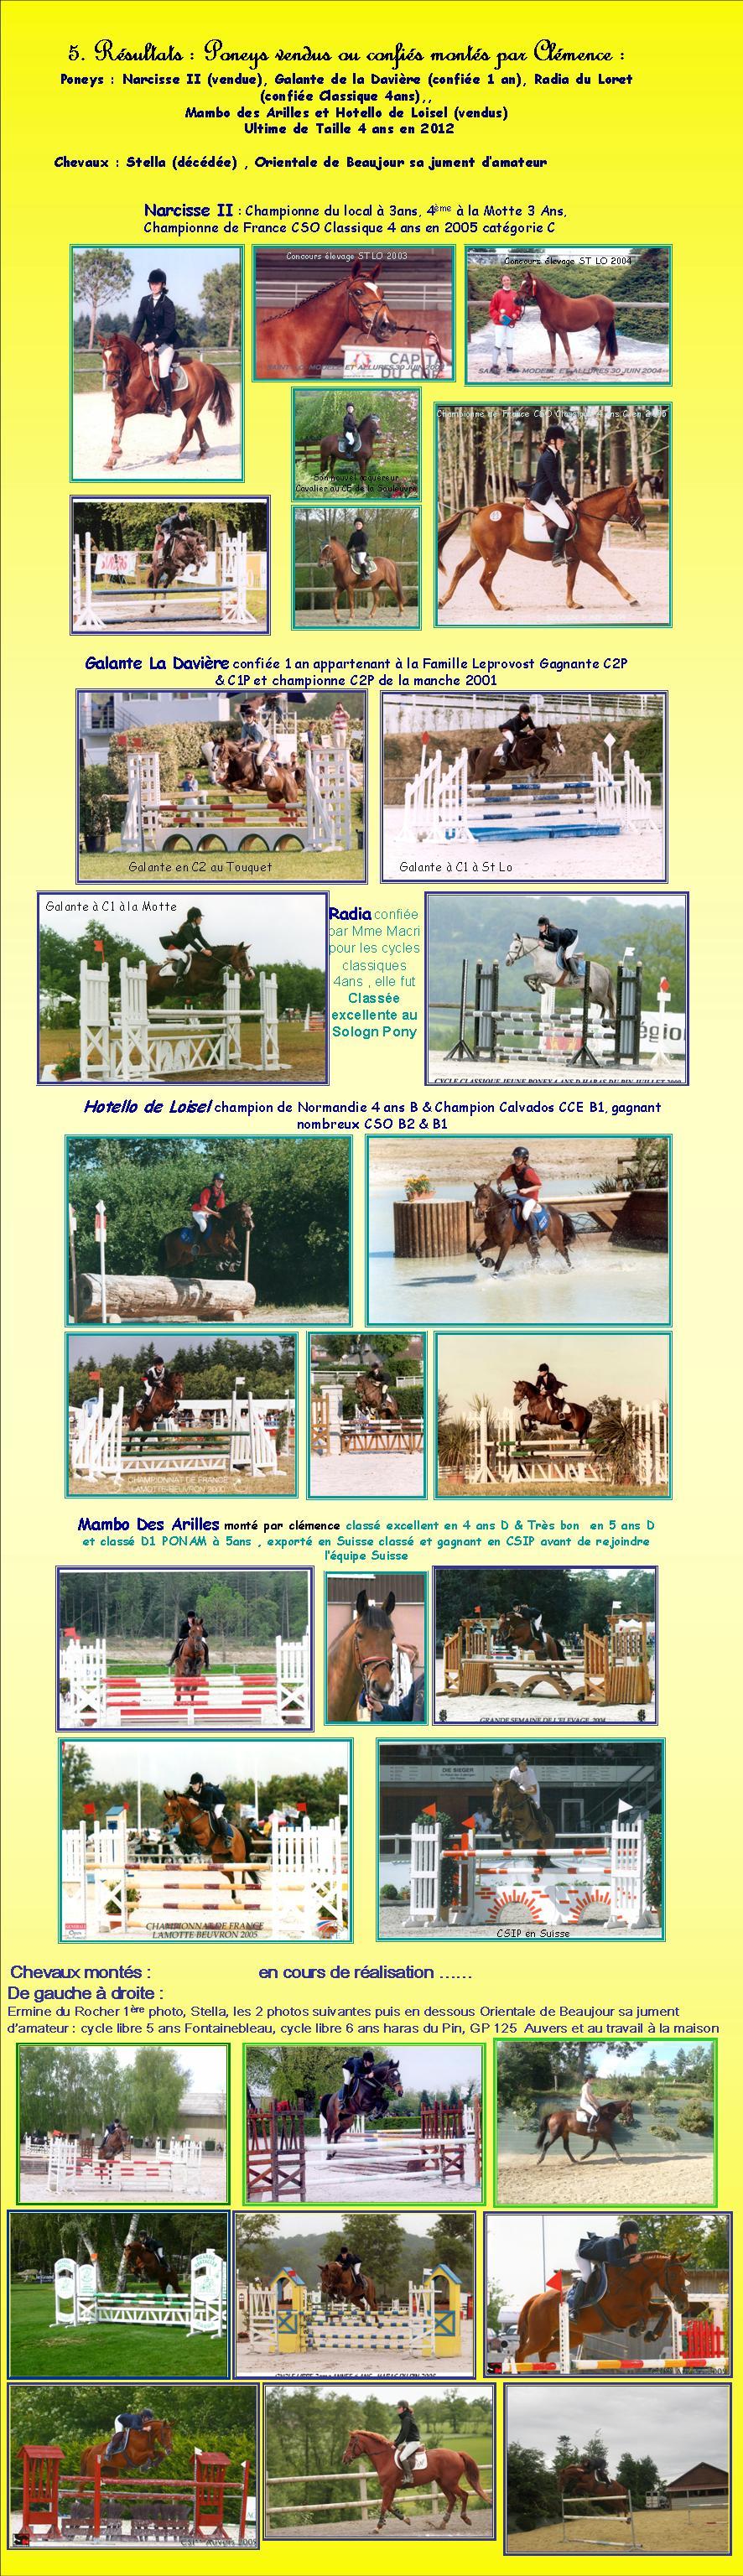 Résultats des cavaliers de l`élévage de taille des poneys & chevaux Narcisse II Galante de la Davière, Radia du Loret, Hotello du loisel, Ermine du rocher, Stella, Orientale de beaujour